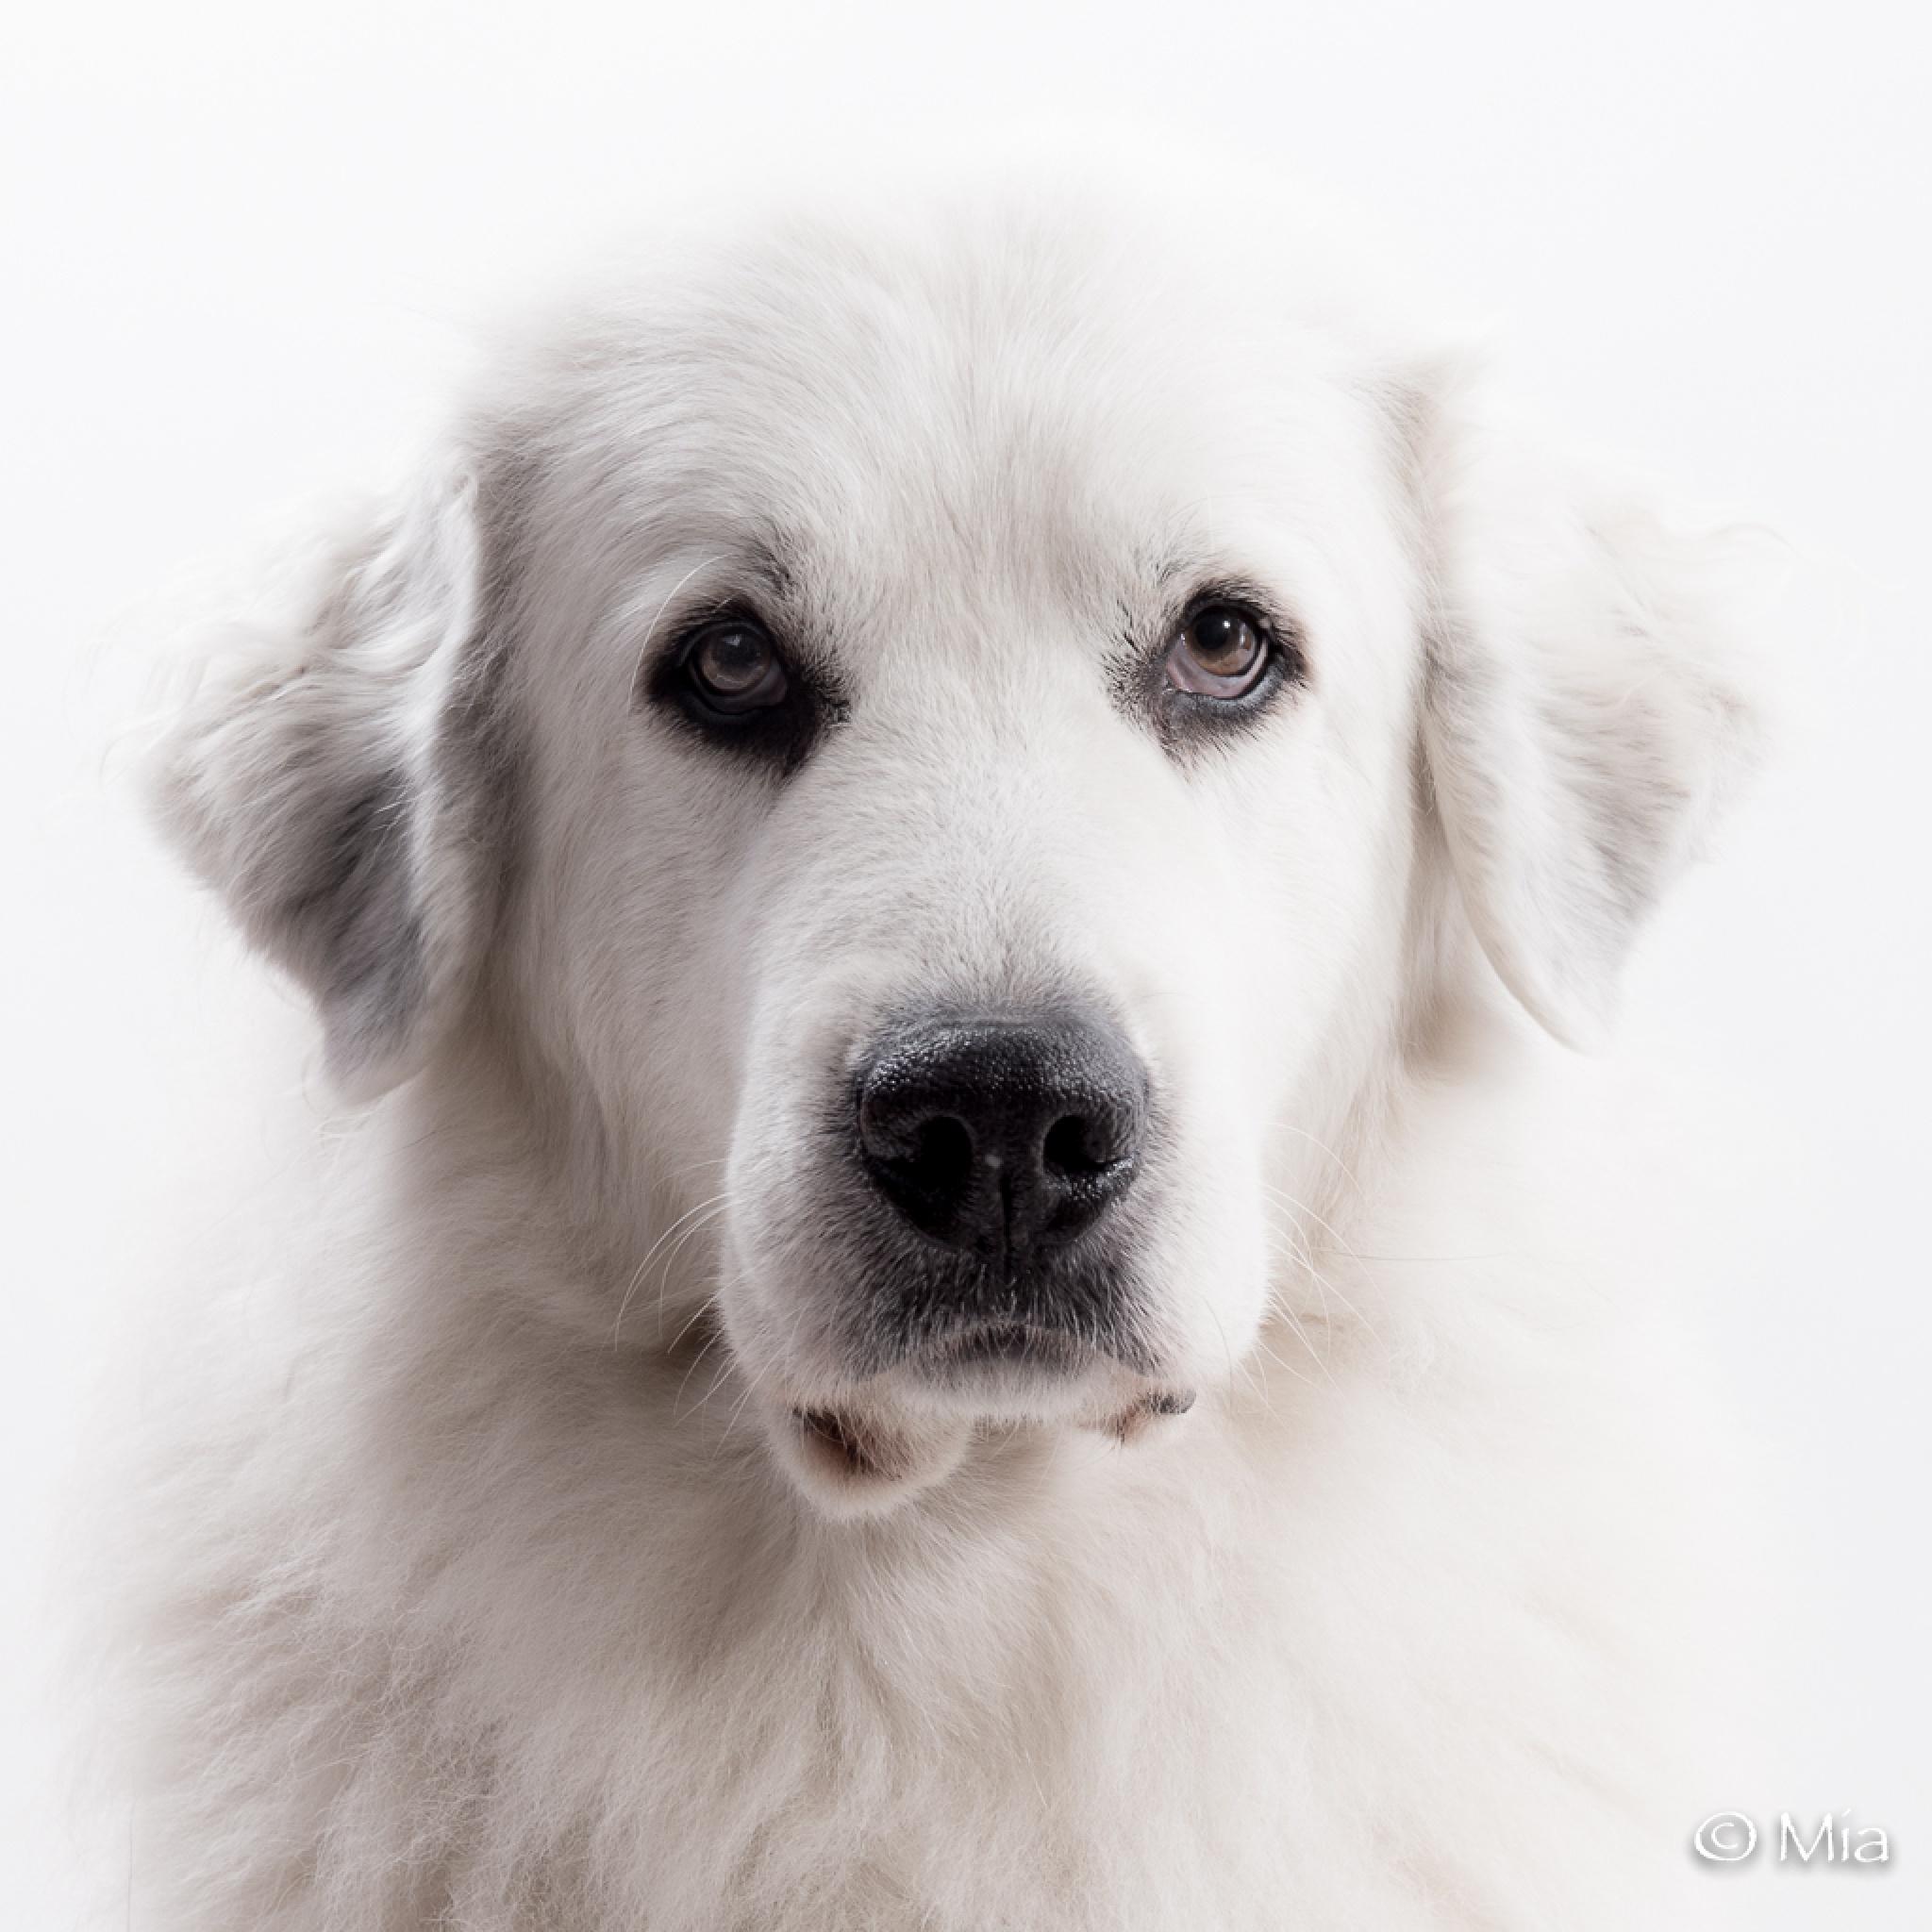 Dog by Mia Johansson